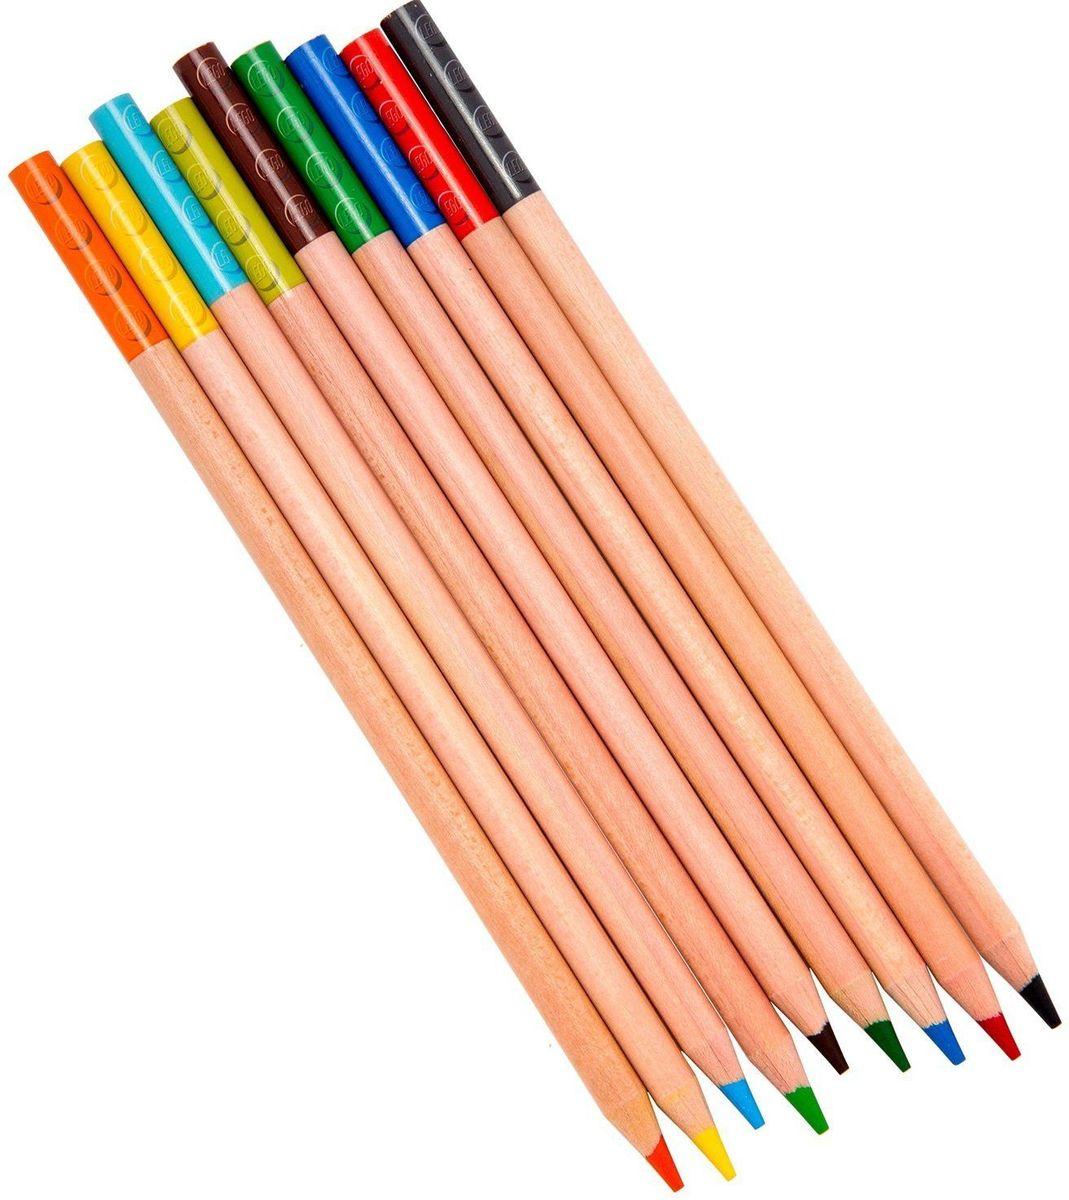 LEGO Набор цветных карандашей с насадками 9 шт 5151551515Набор состоит из 9-ти цветных карандашей с твёрдо-мягким грифелем и 2-х насадок (топперов) в форме кирпичика LEGO.